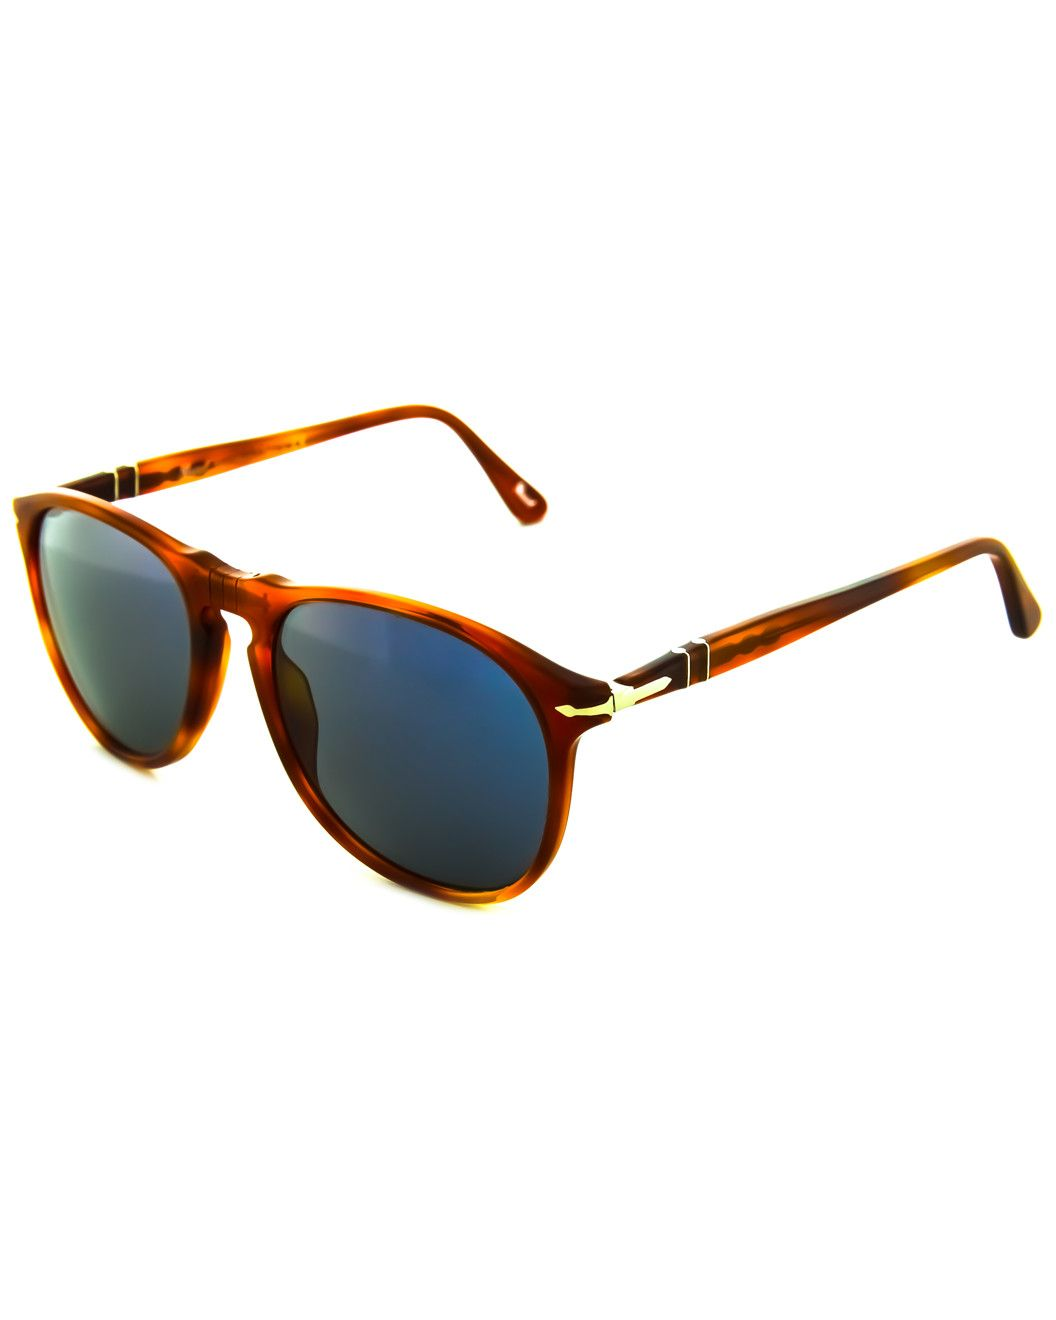 651fd2d2442 Spotted this Persol Unisex PO9649S Polarized Sunglasses on Rue La La. Shop  (quickly!)